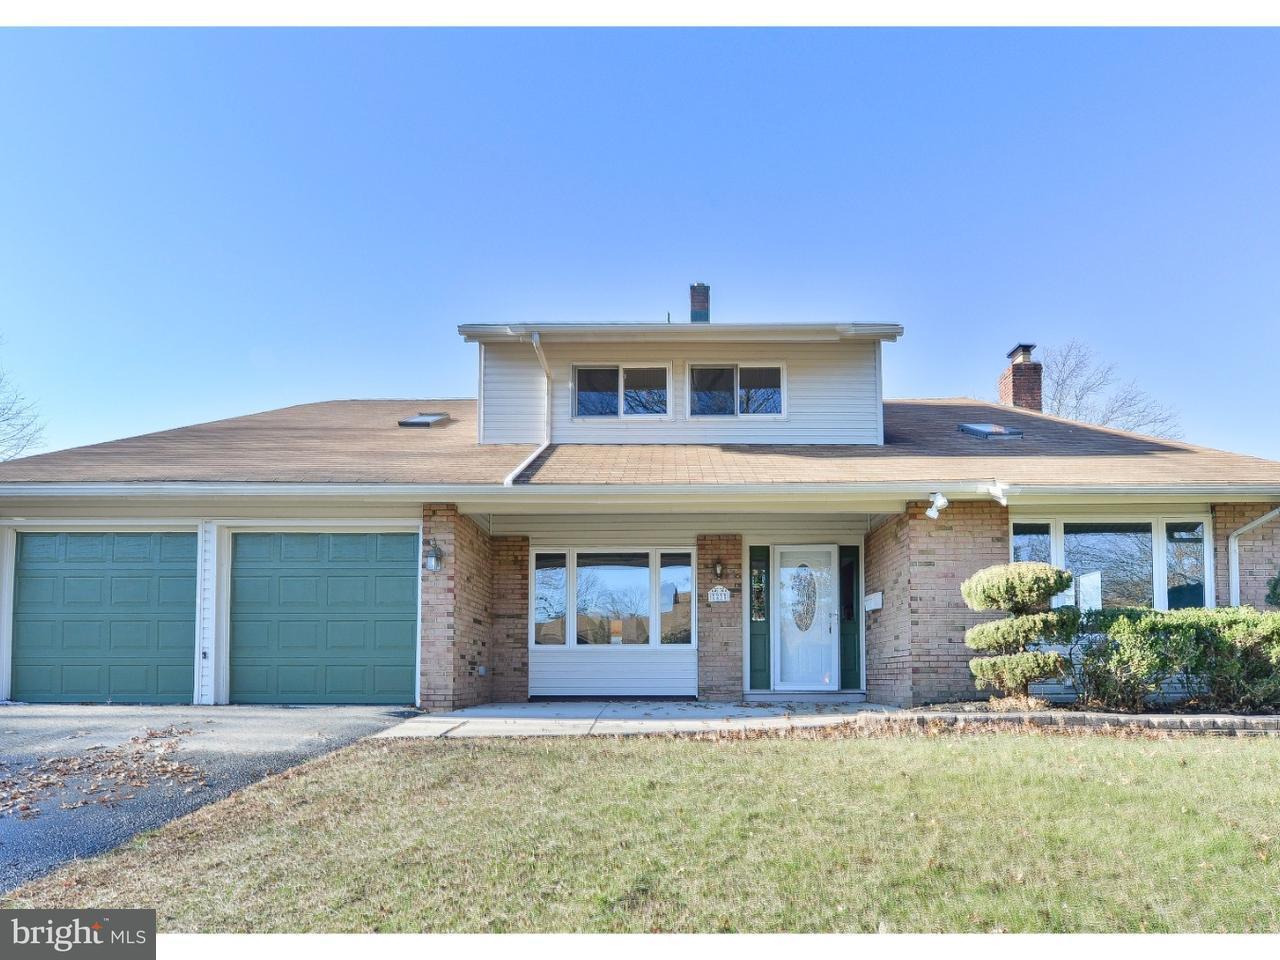 Частный односемейный дом для того Продажа на 23 CONCORD Road Evesham, Нью-Джерси 08053 Соединенные Штаты